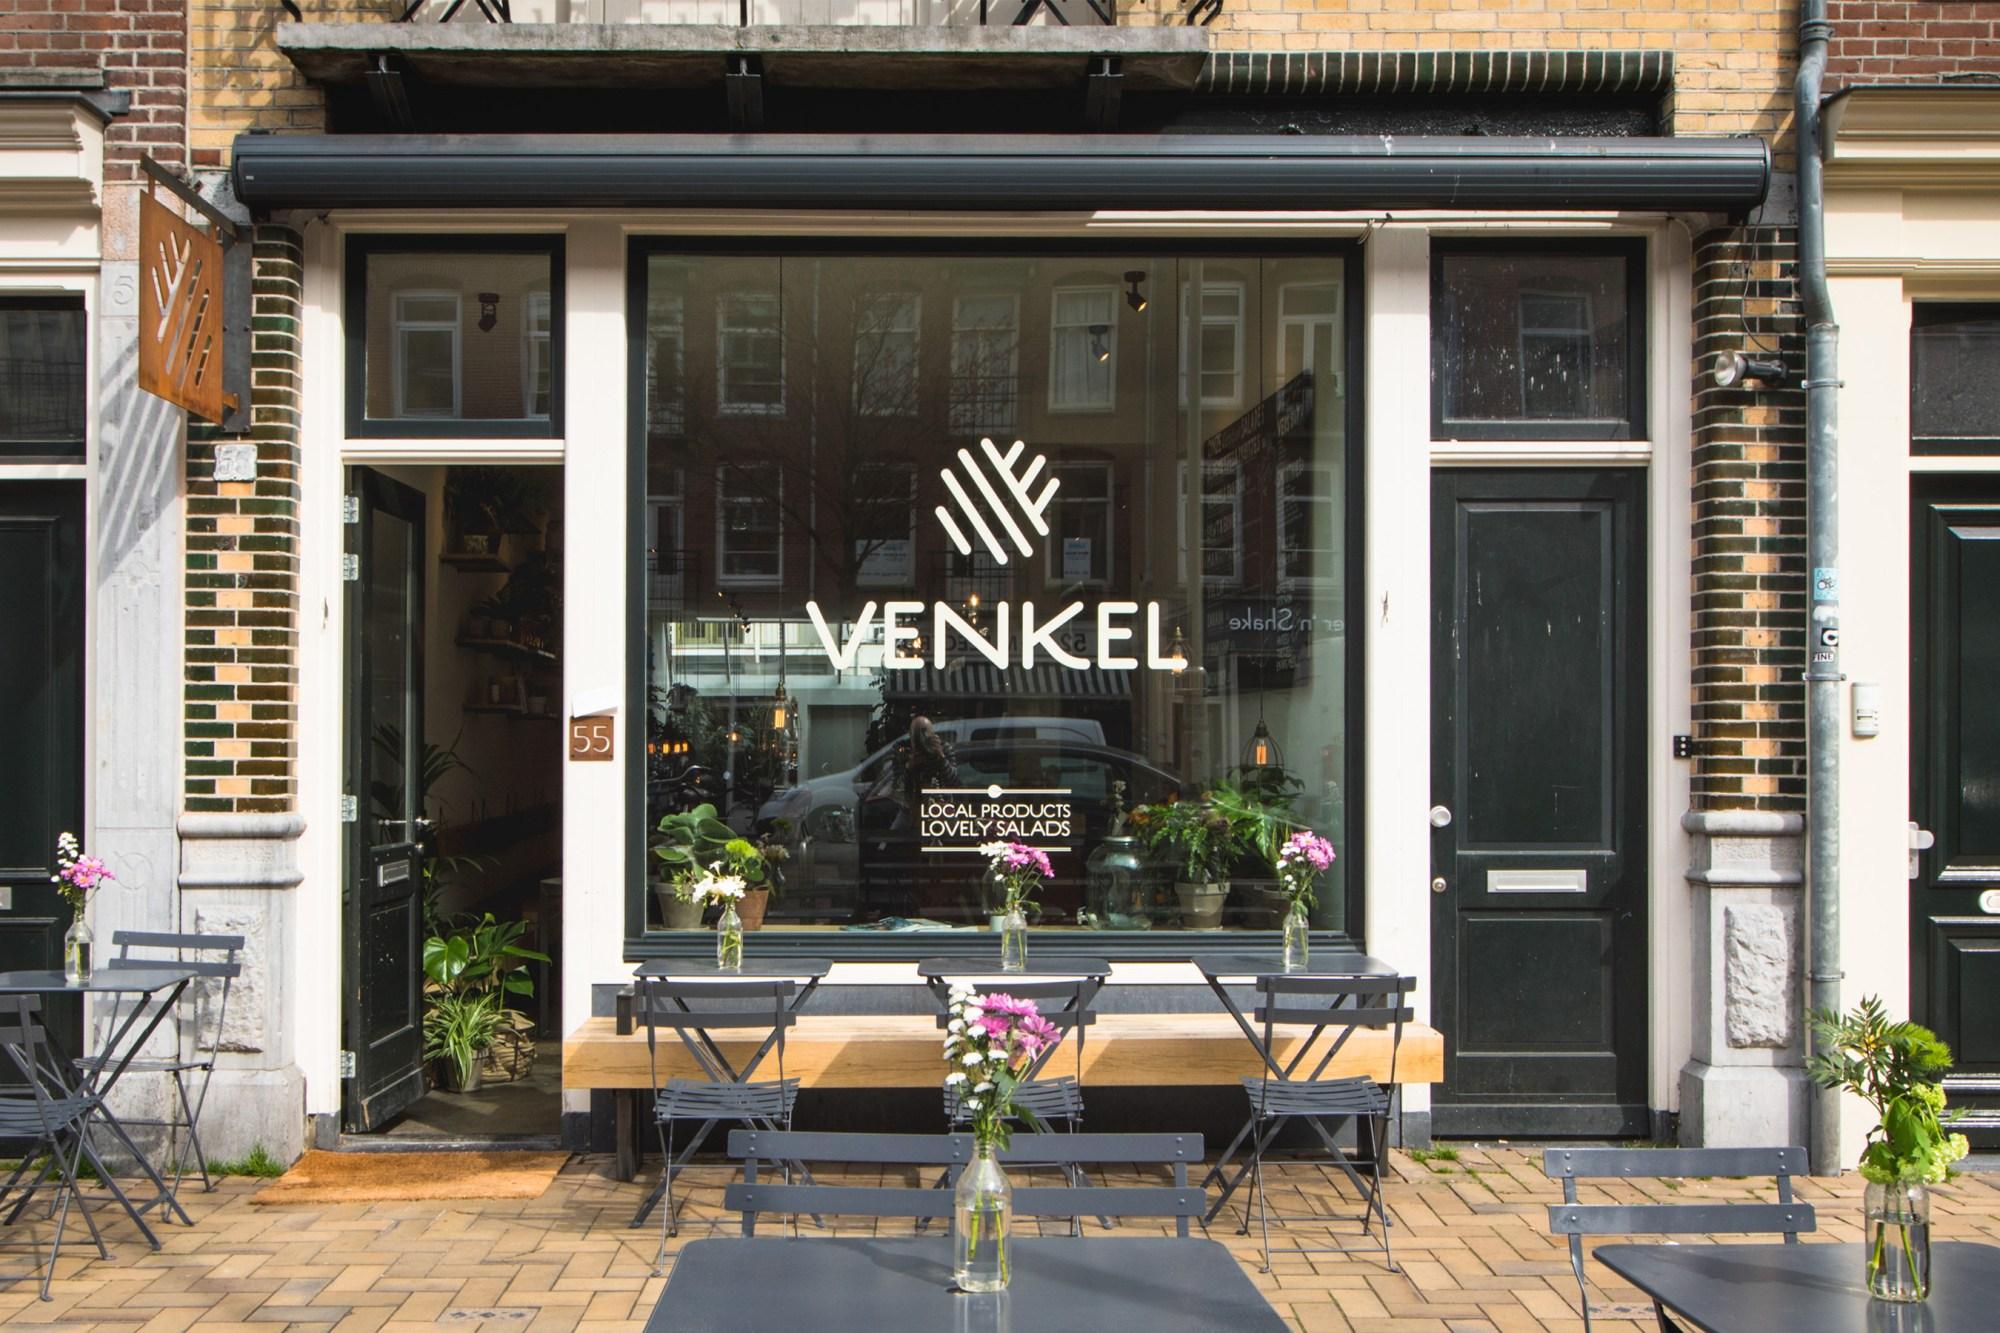 Gevel van saladebar Venkel in de Javastraat in het Javakwartier